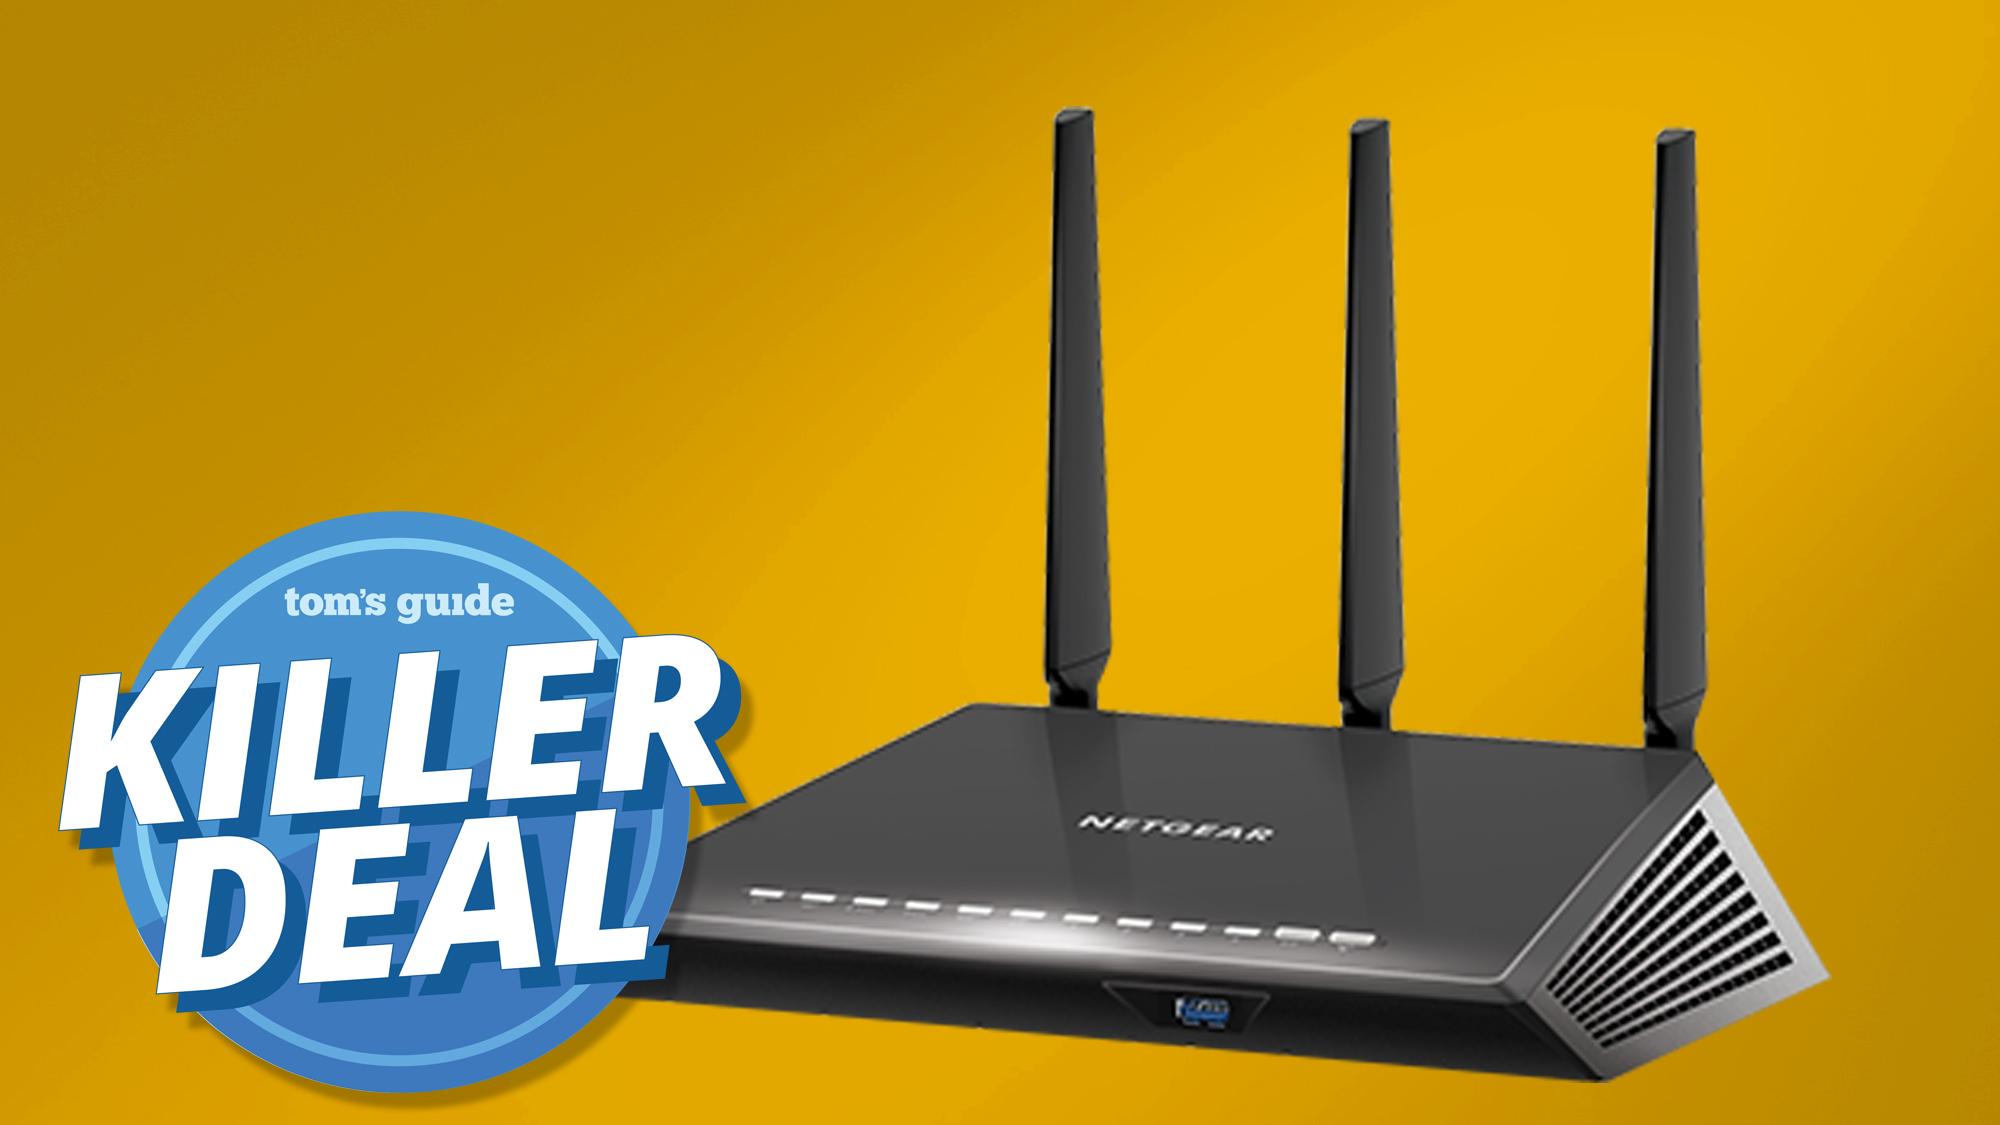 Netgear's Nighthawk smart WiFi router just hit $89 | Tom's Guide